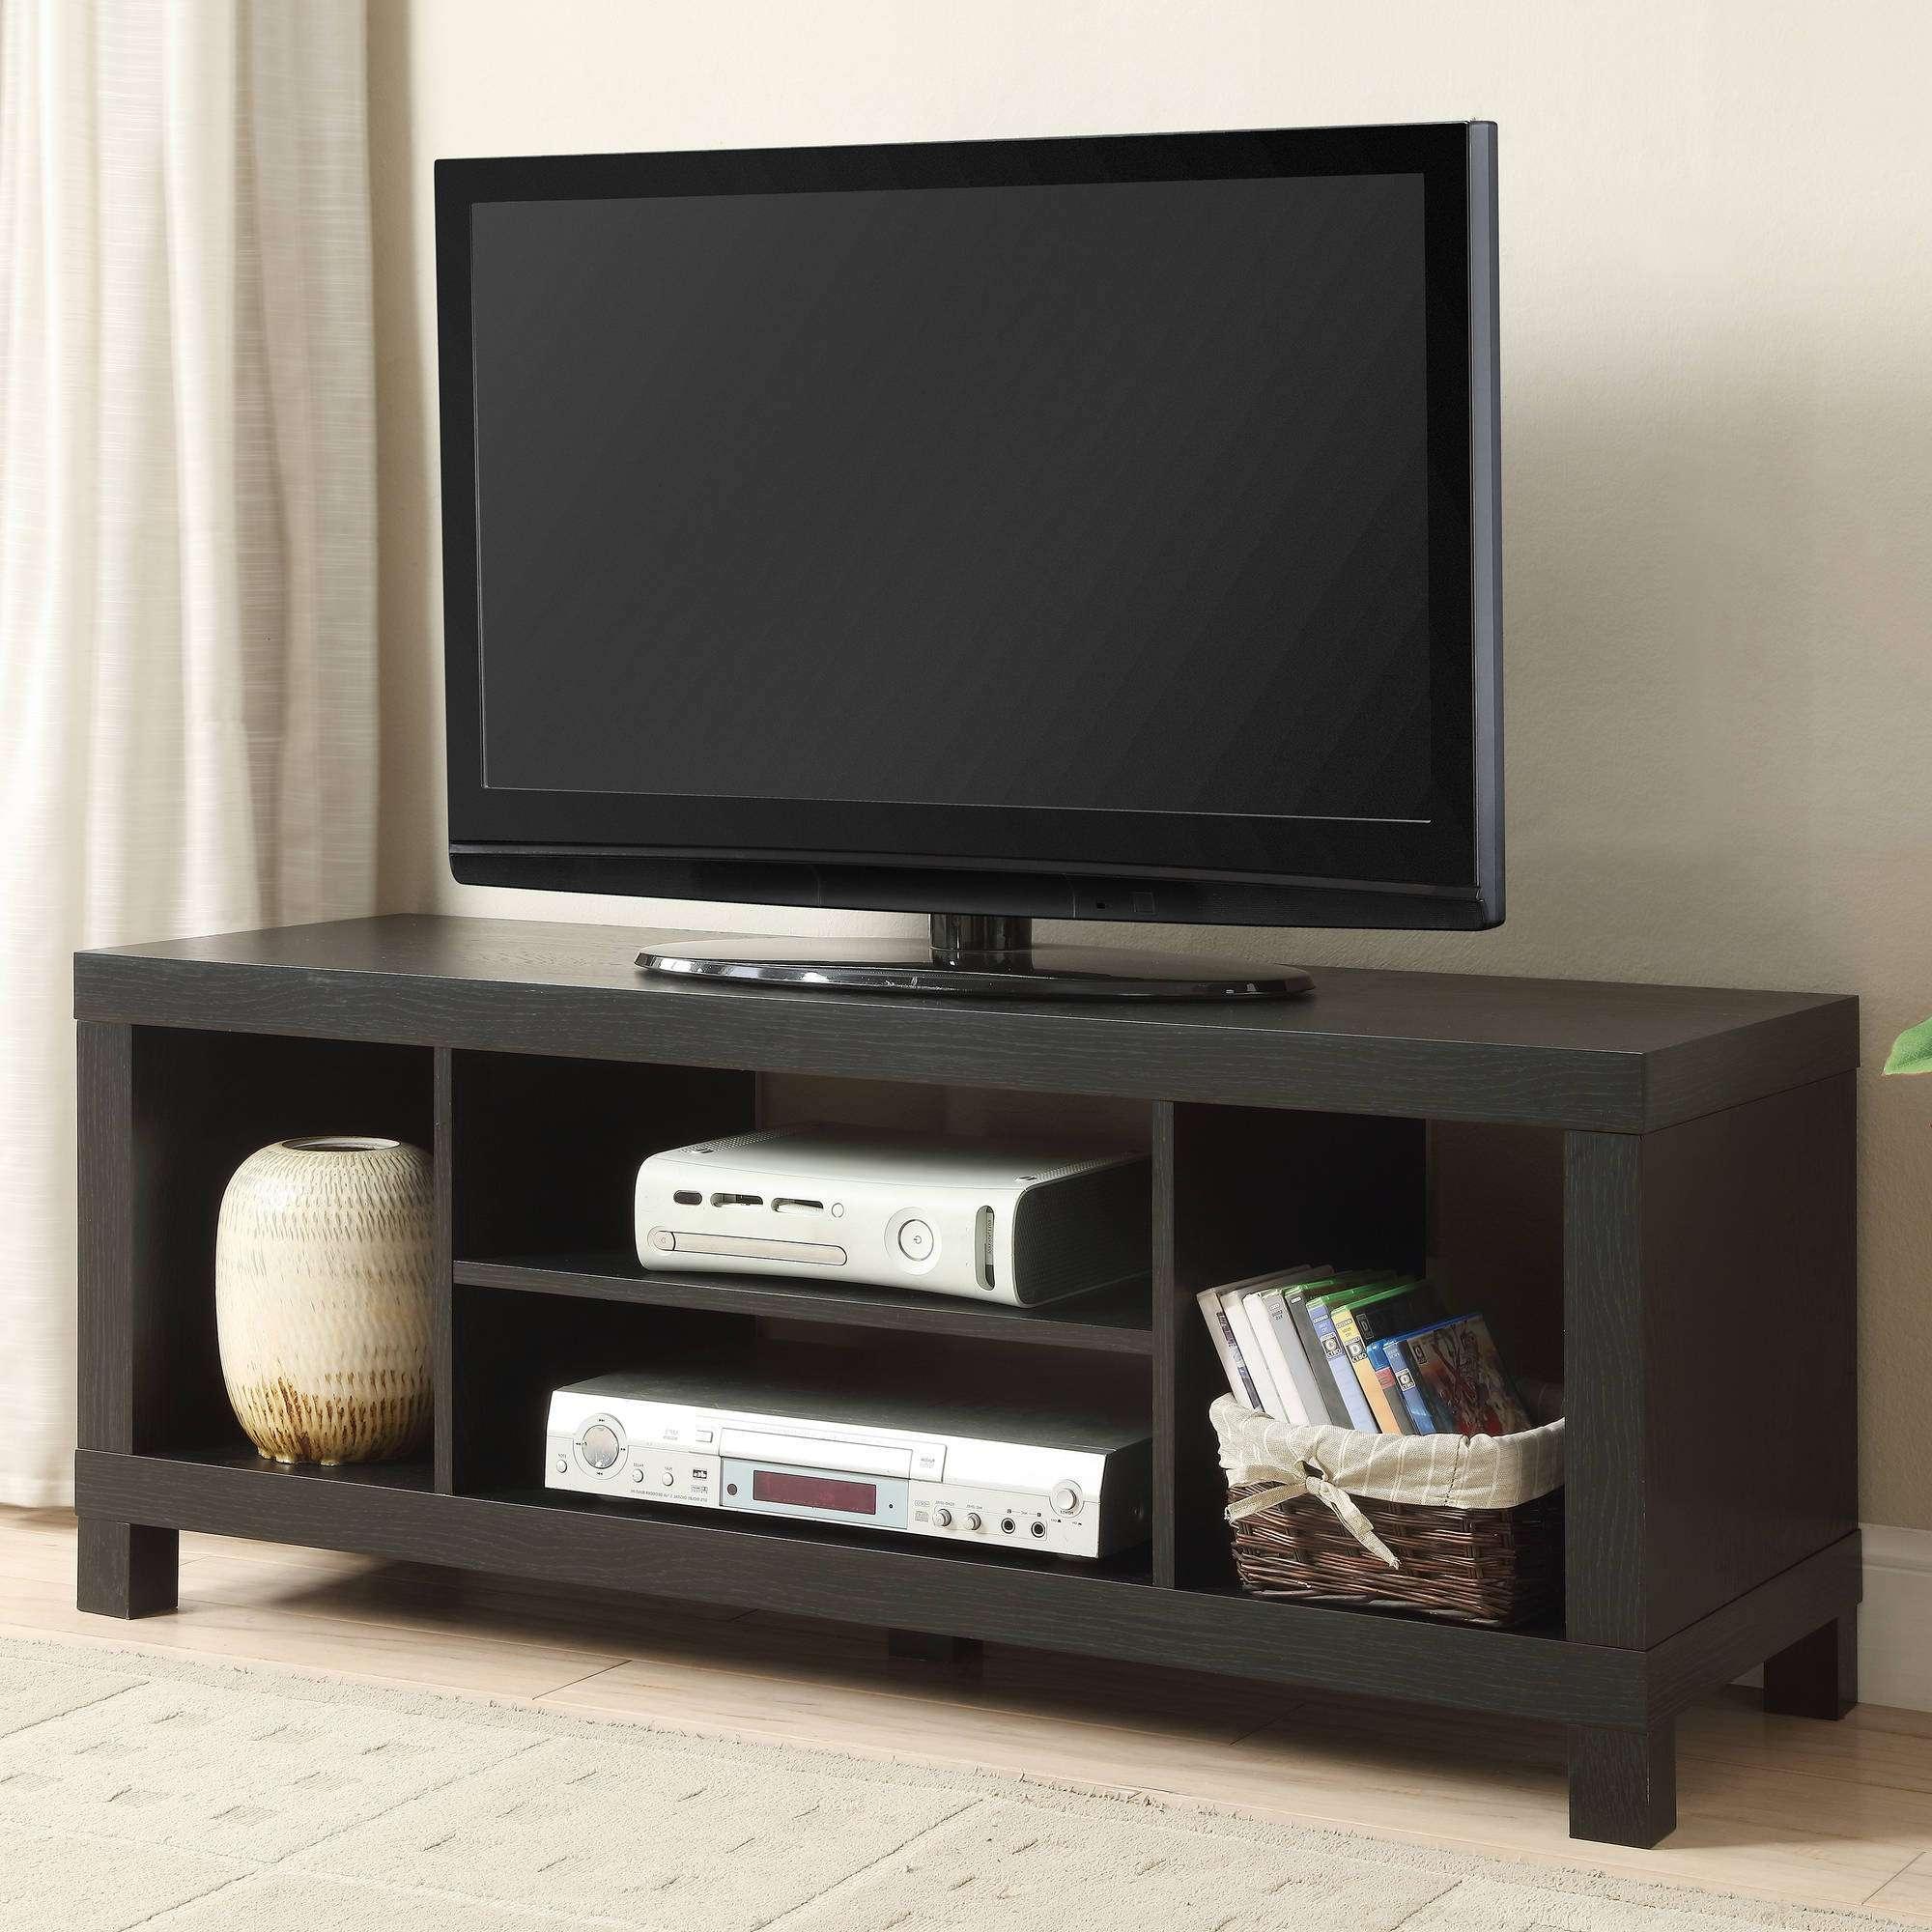 Tv Stands – Walmart Regarding Rustic 60 Inch Tv Stands (View 12 of 15)